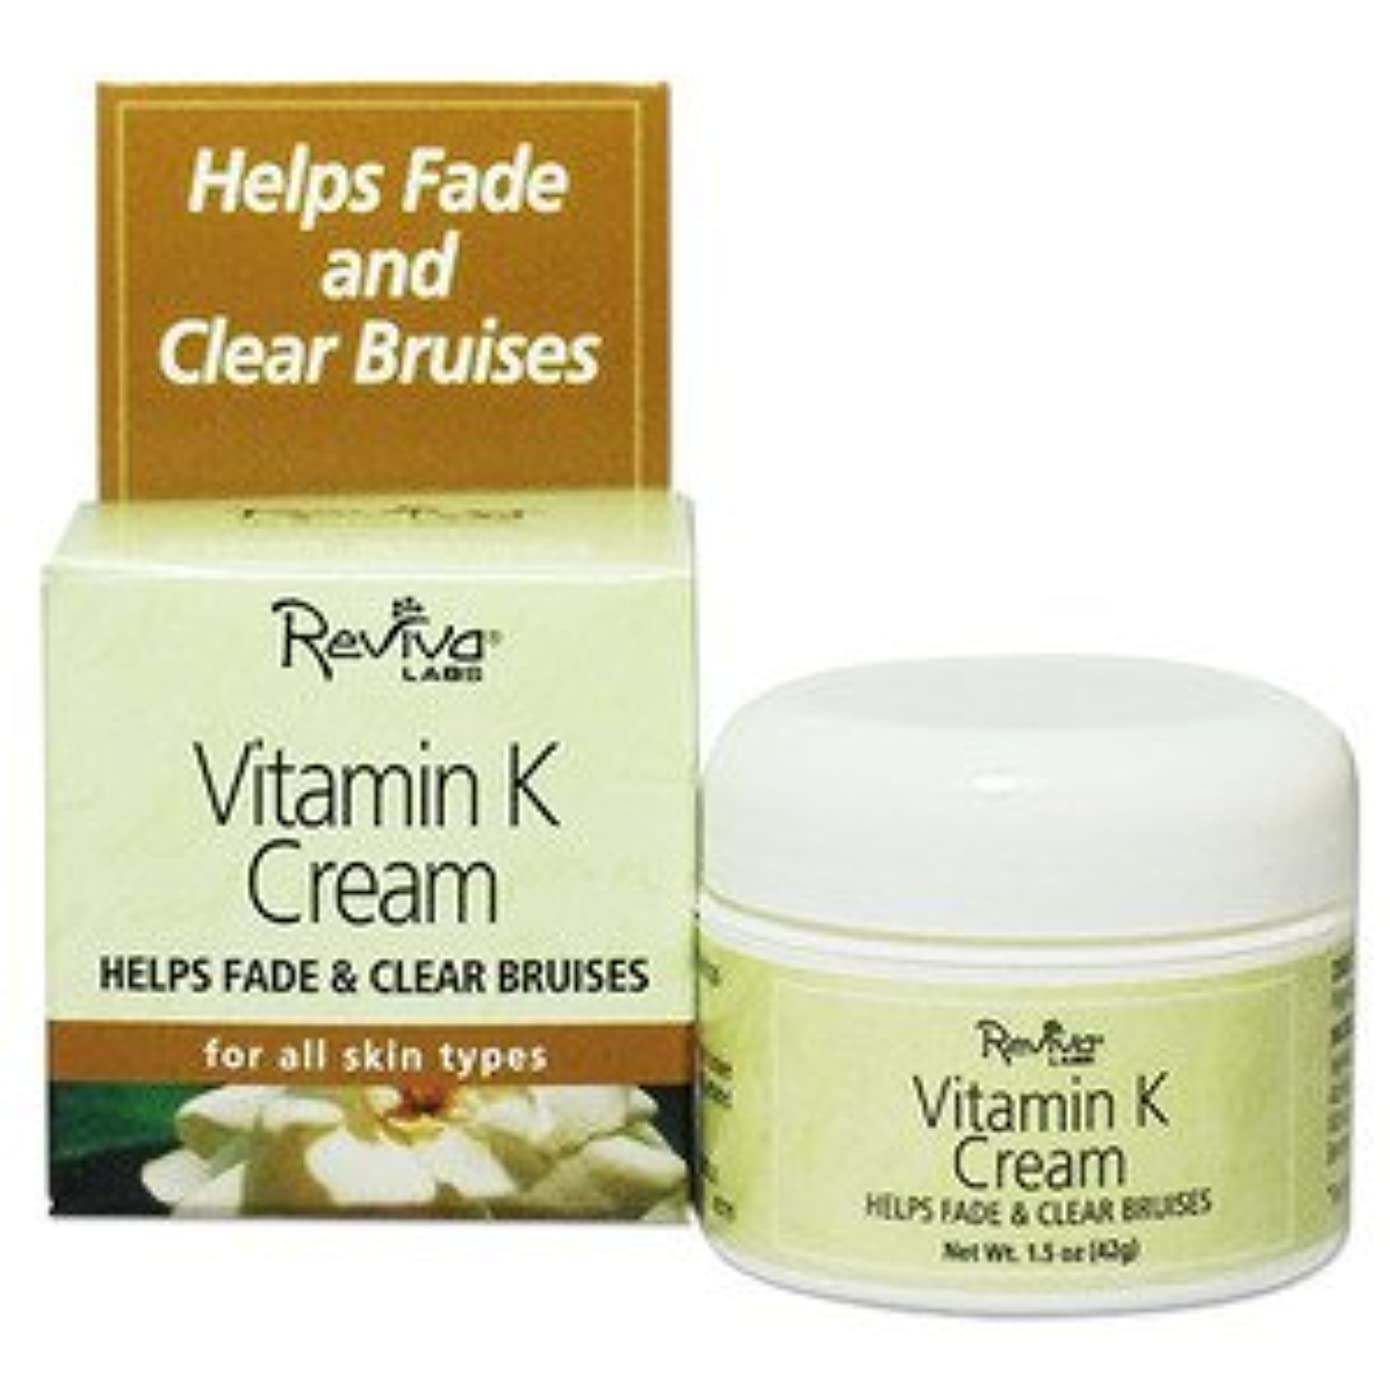 大教科書ジョブReviva Labs レビバ社 Vitamin K Cream  (42 g)  ビタミンK クリーム 海外直送品